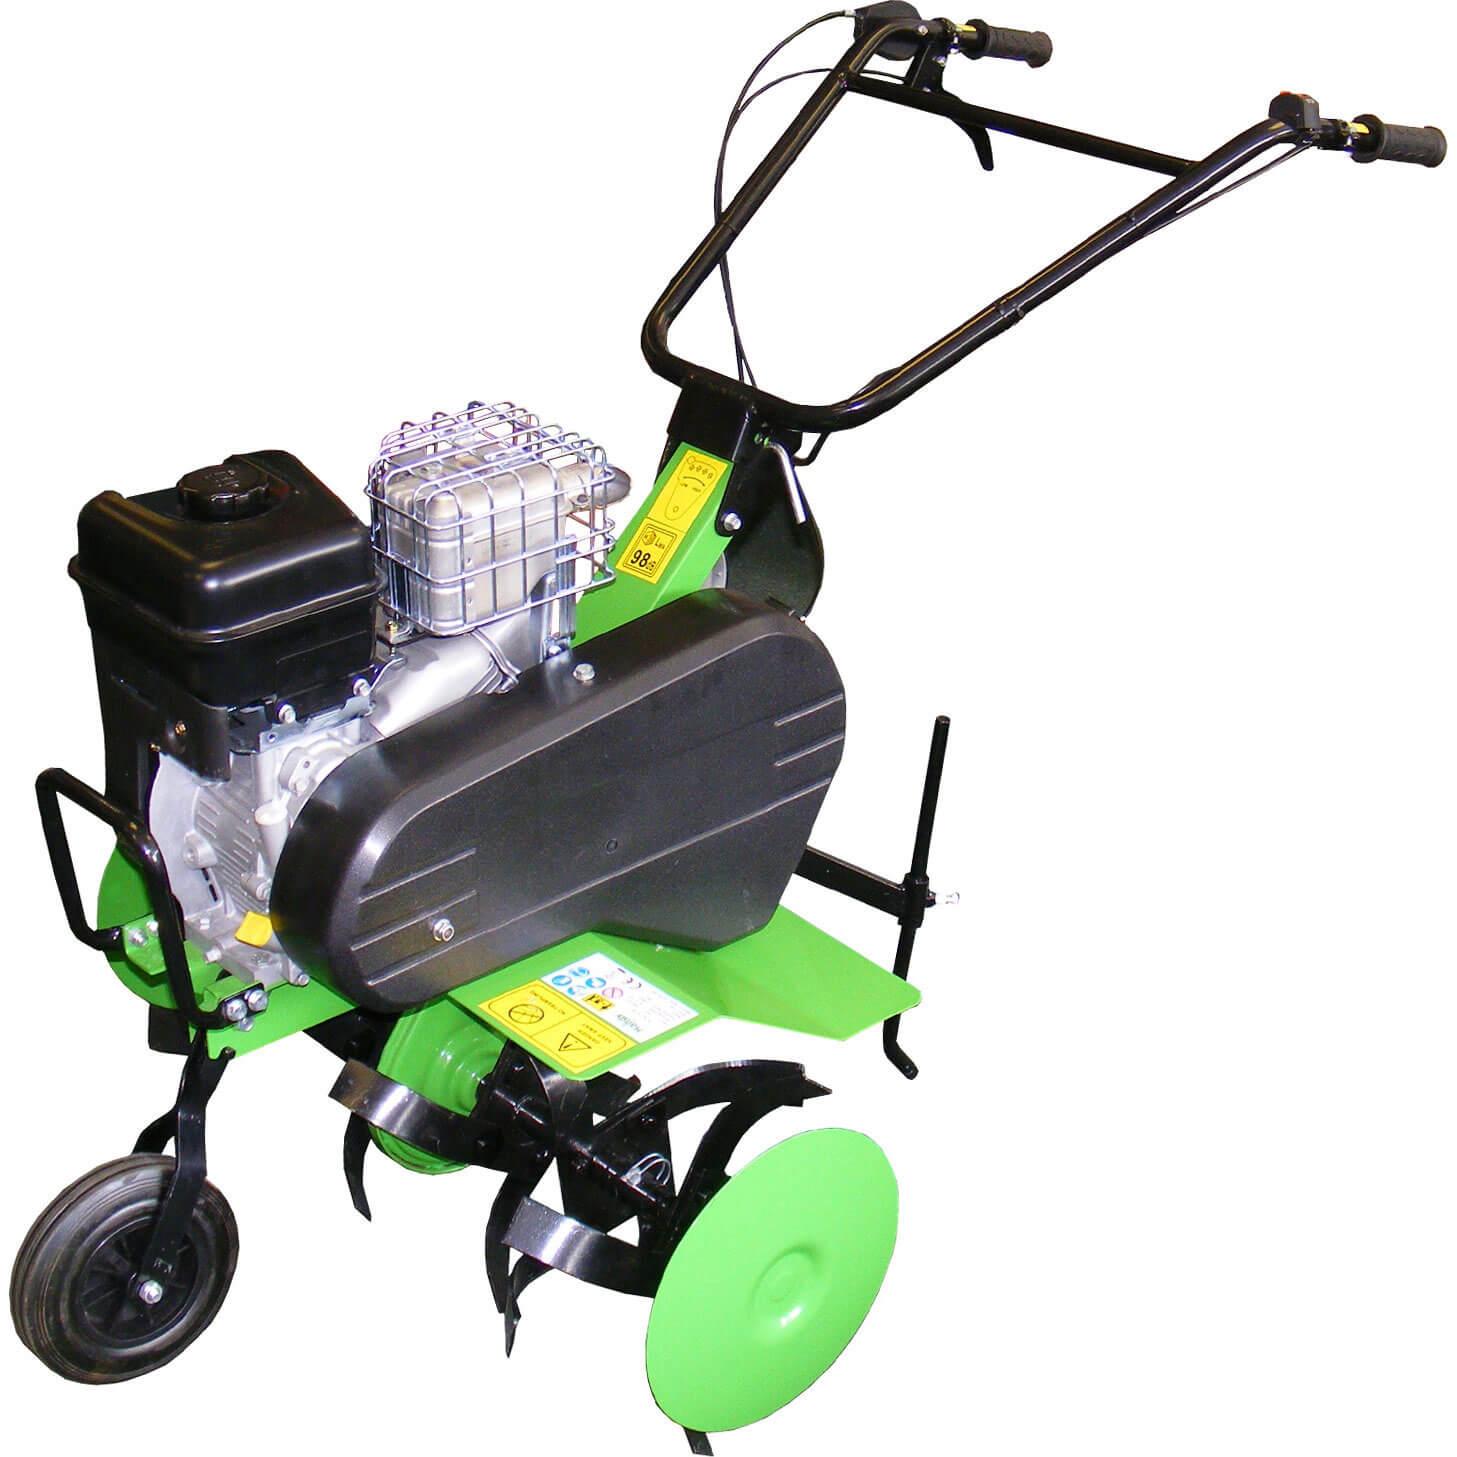 Handy Petrol Garden Tiller 600 - 750mm Wide with 205cc Briggs & Stratton Engine